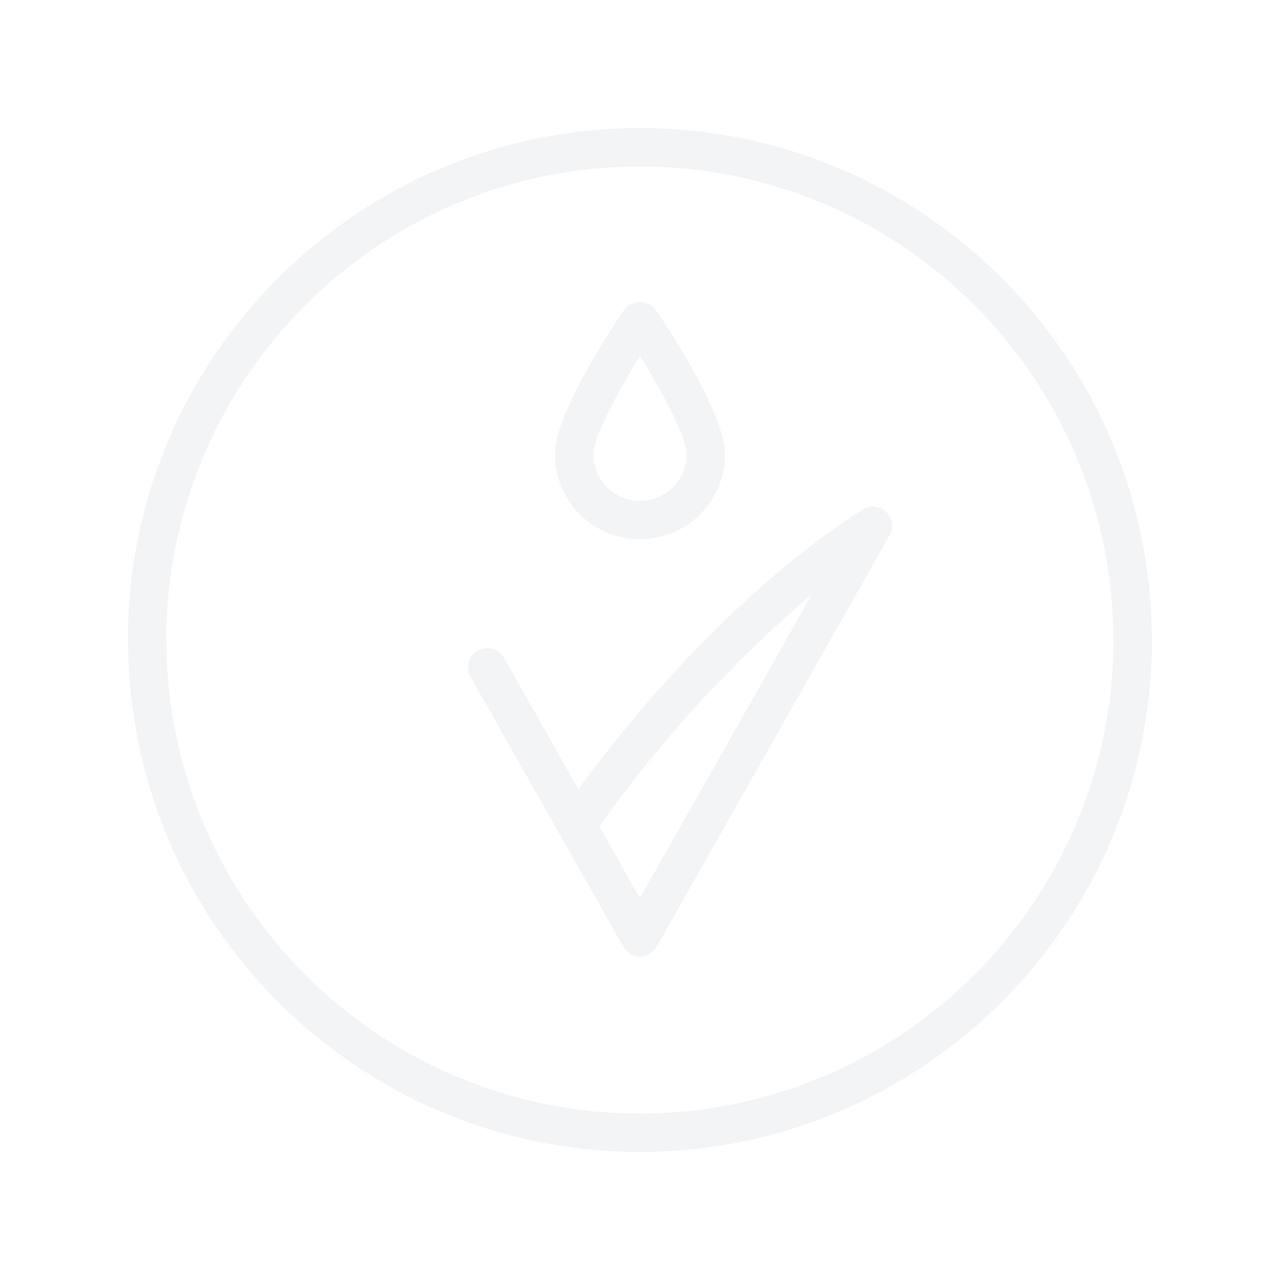 E.L.F. Eyebrow Stencil Kit 4pc